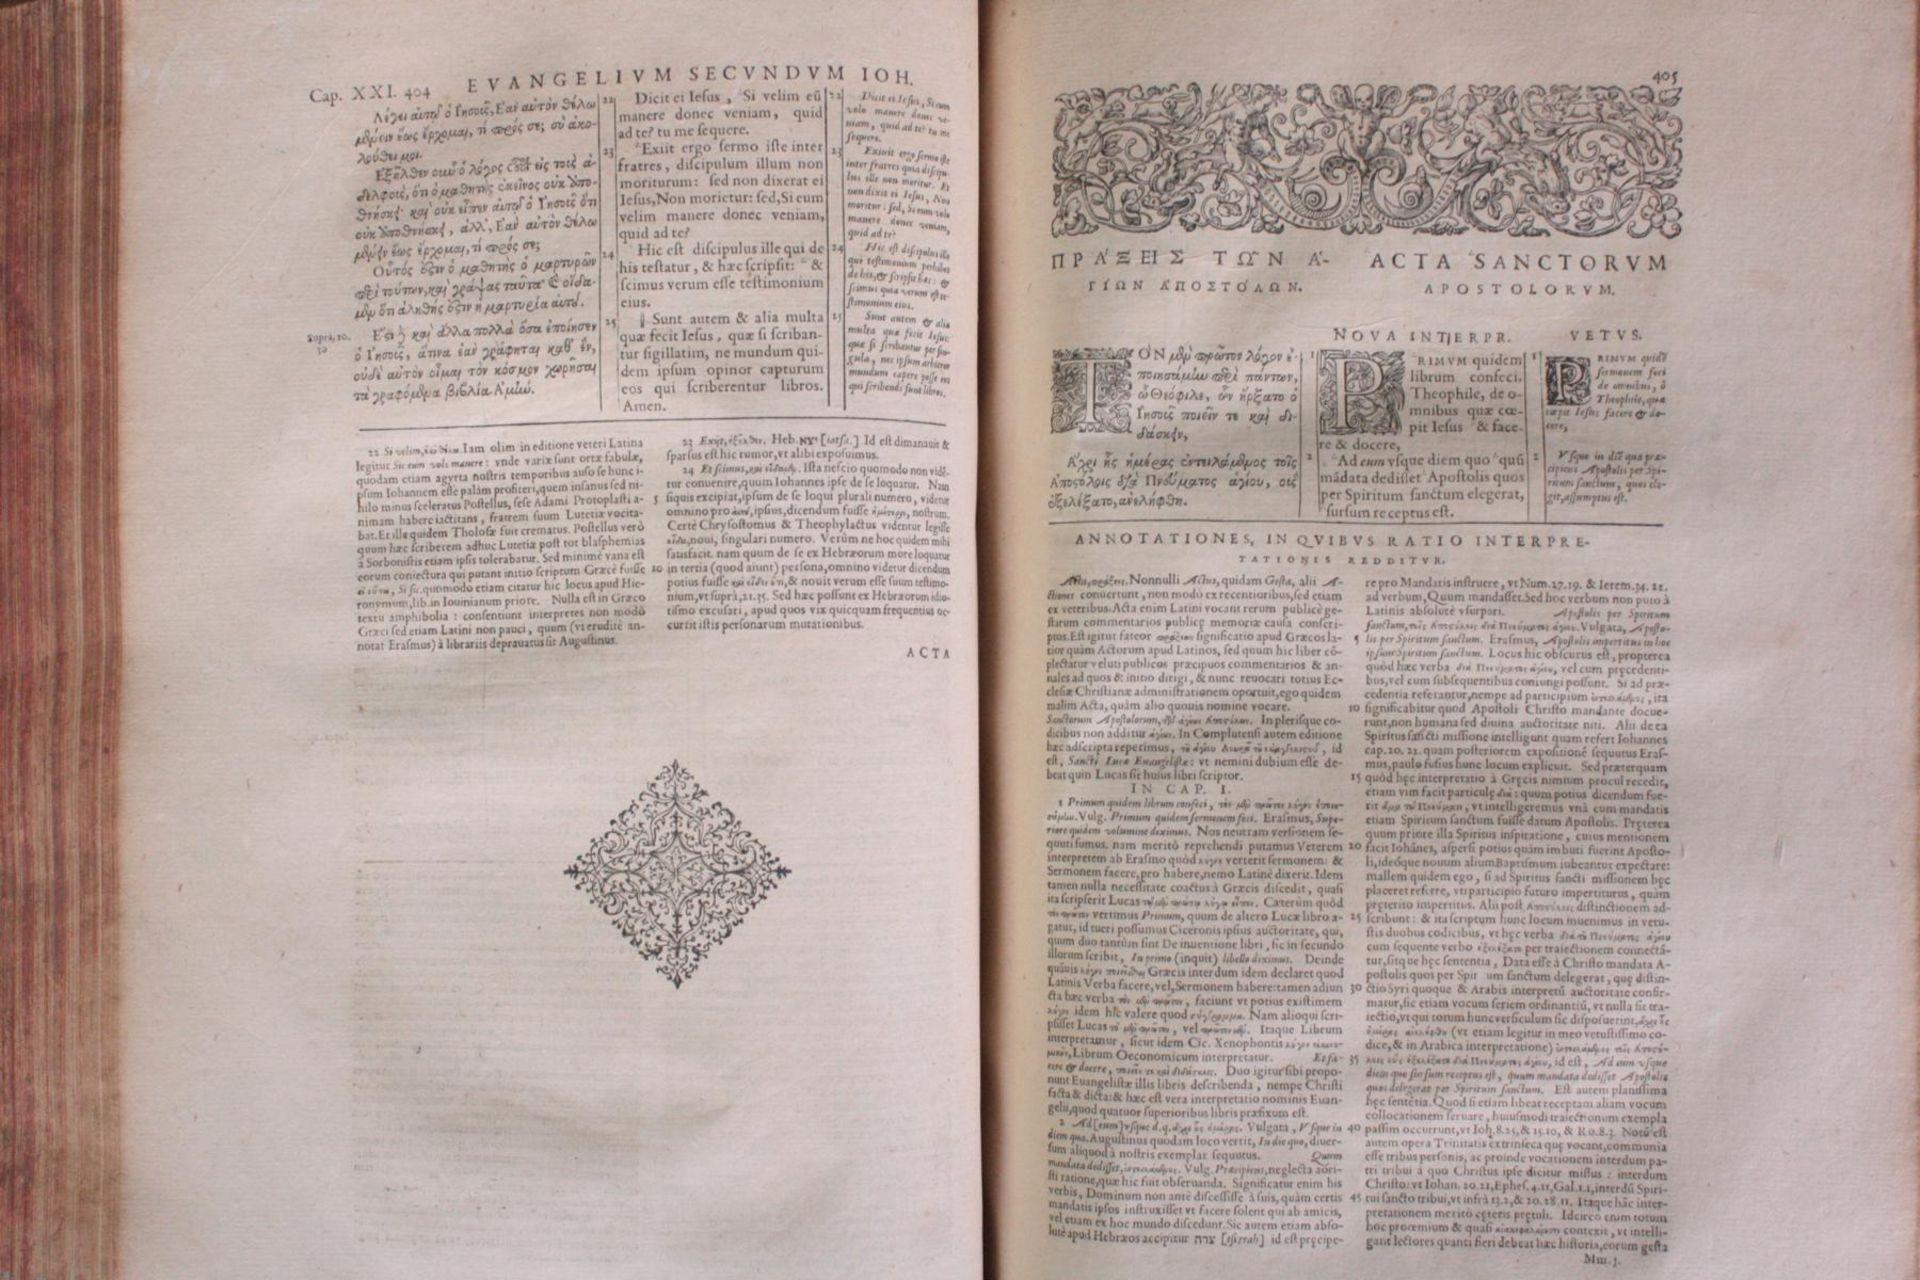 Griechische-Lateinische Bibel, Novum Testamentum 1582 - Bild 9 aus 23